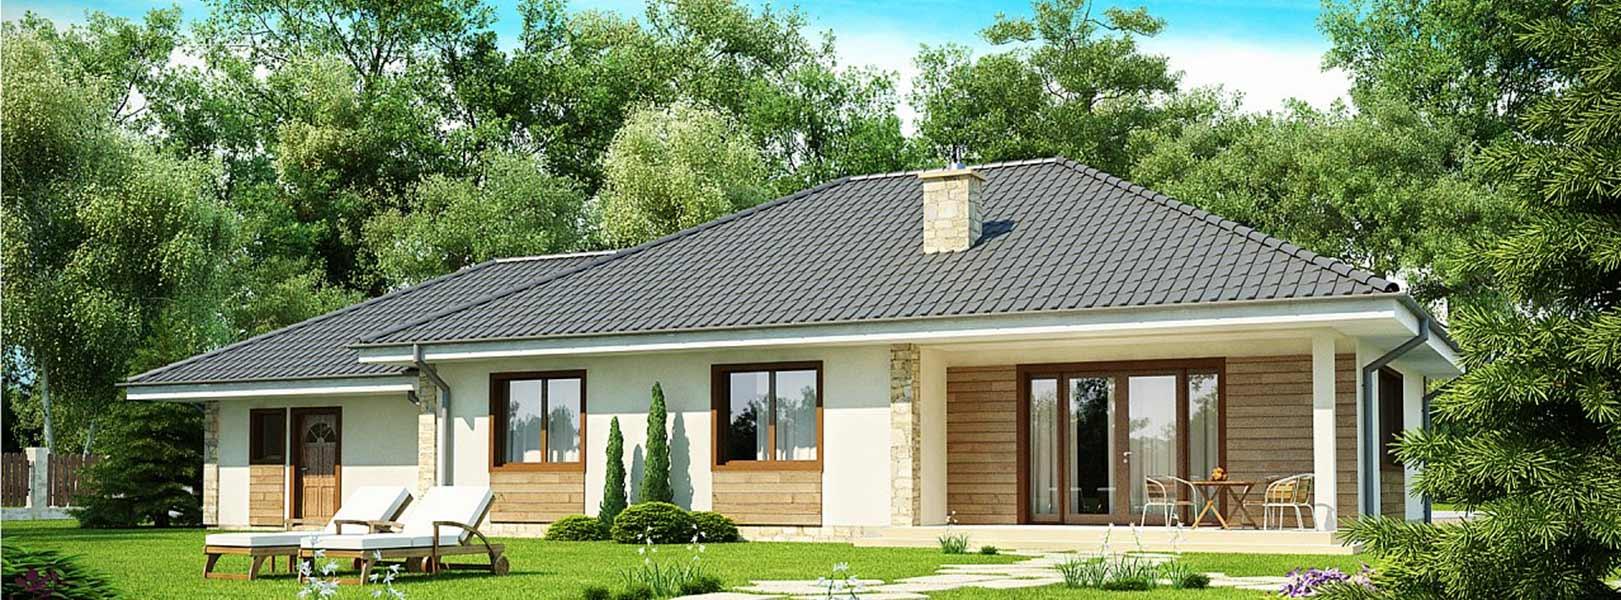 Projekt domu jednorodzinnego - A0010